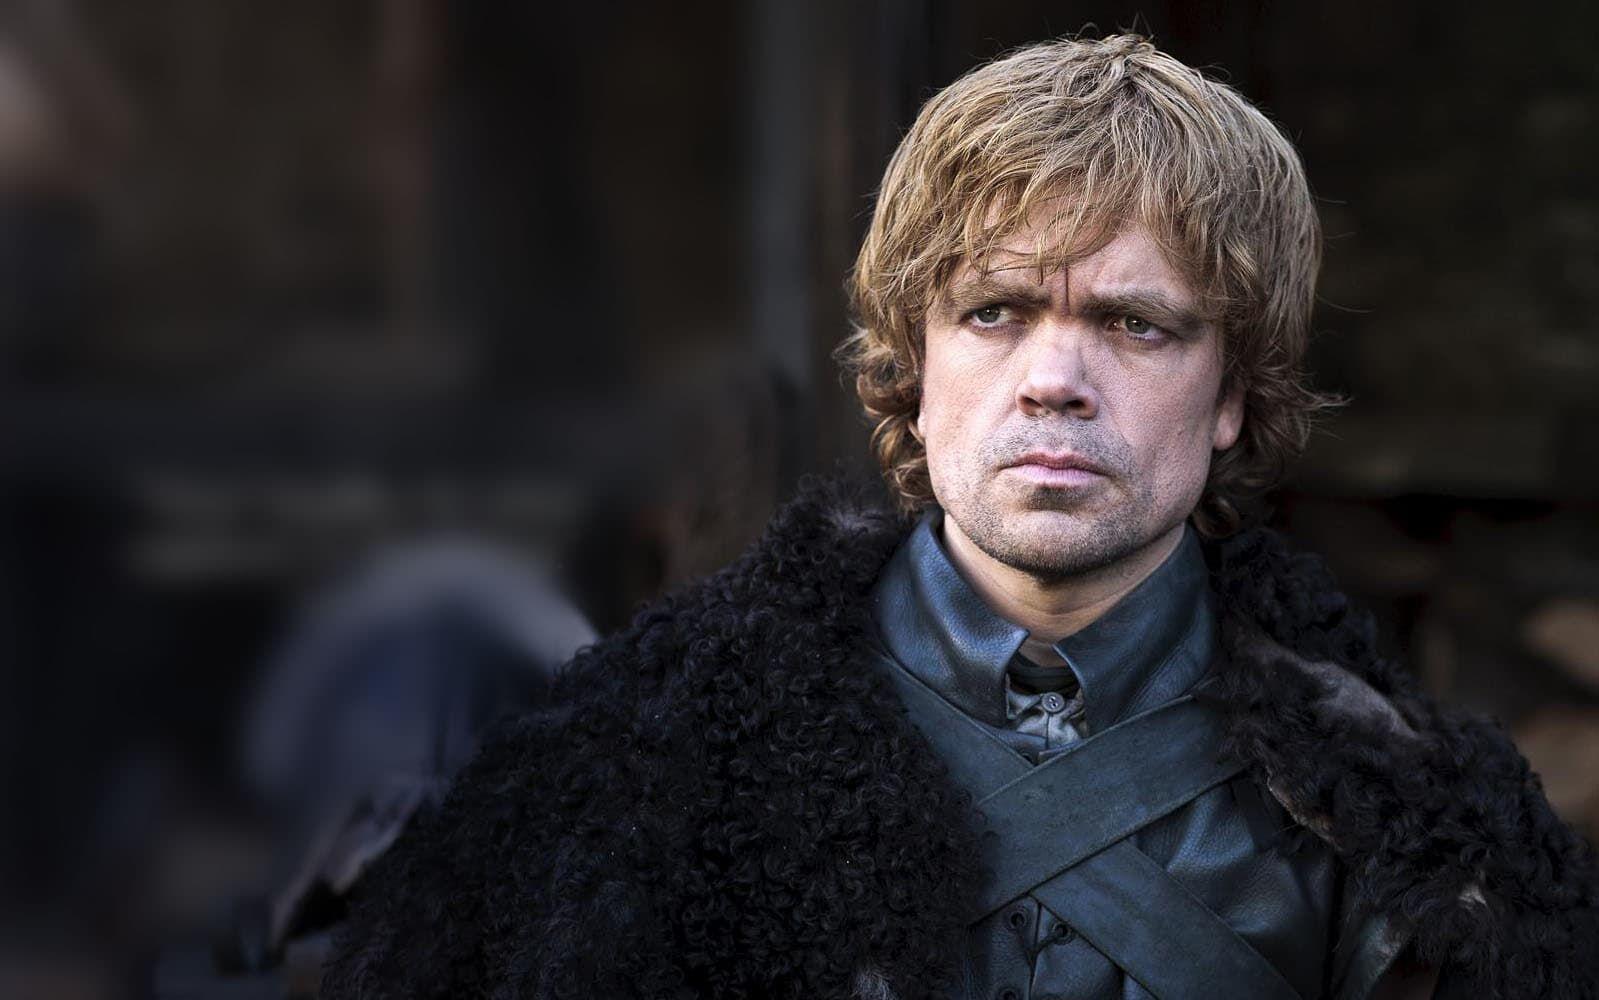 نتيجة بحث الصور عن Tyrion Lannister